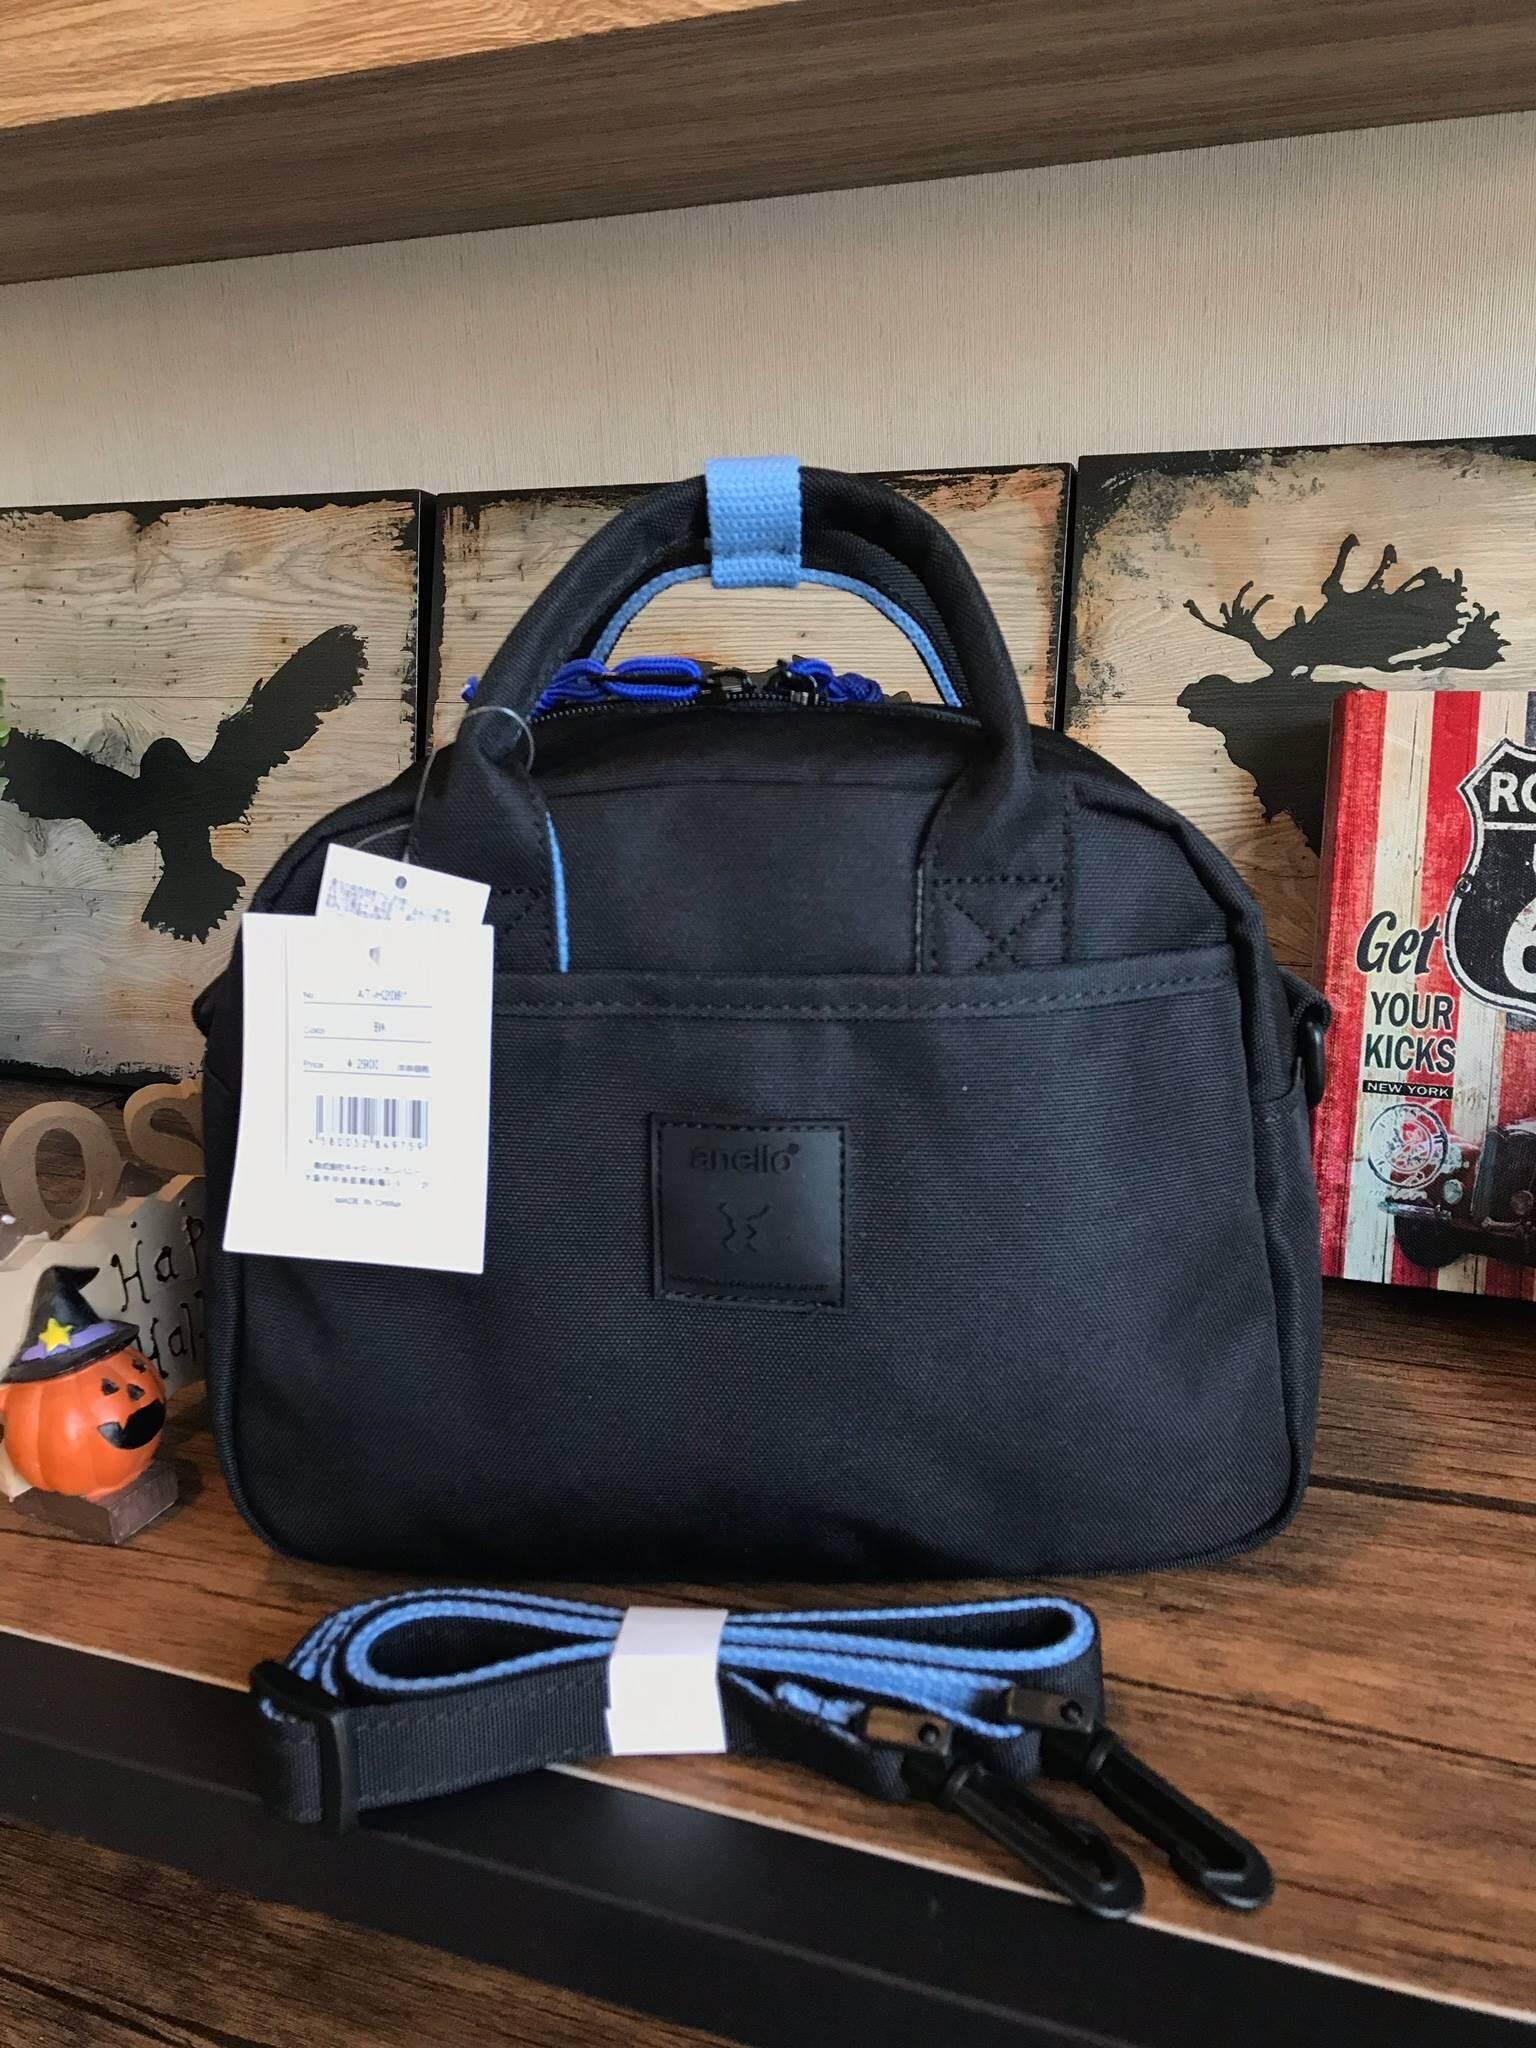 แม่ฮ่องสอน Anello 2Way mini boston Bag คอลเลคชั่นสีทูโทนสดใสต้อนรับลมร้อน กับกระเป๋าถือหรือสะพายข้าง